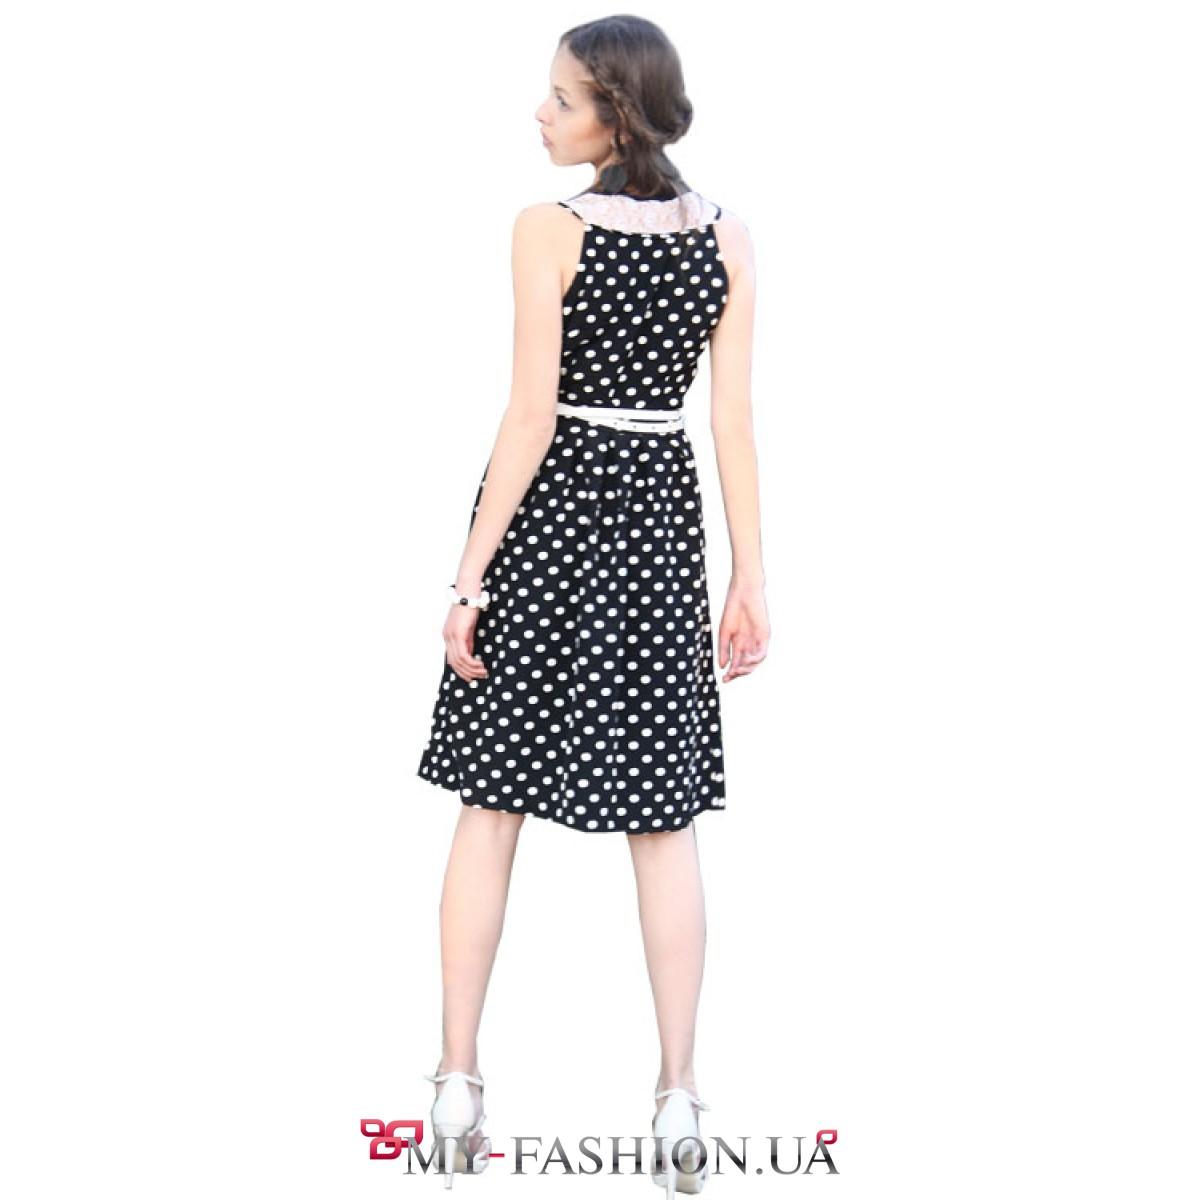 Платье черное белый воротник доставка